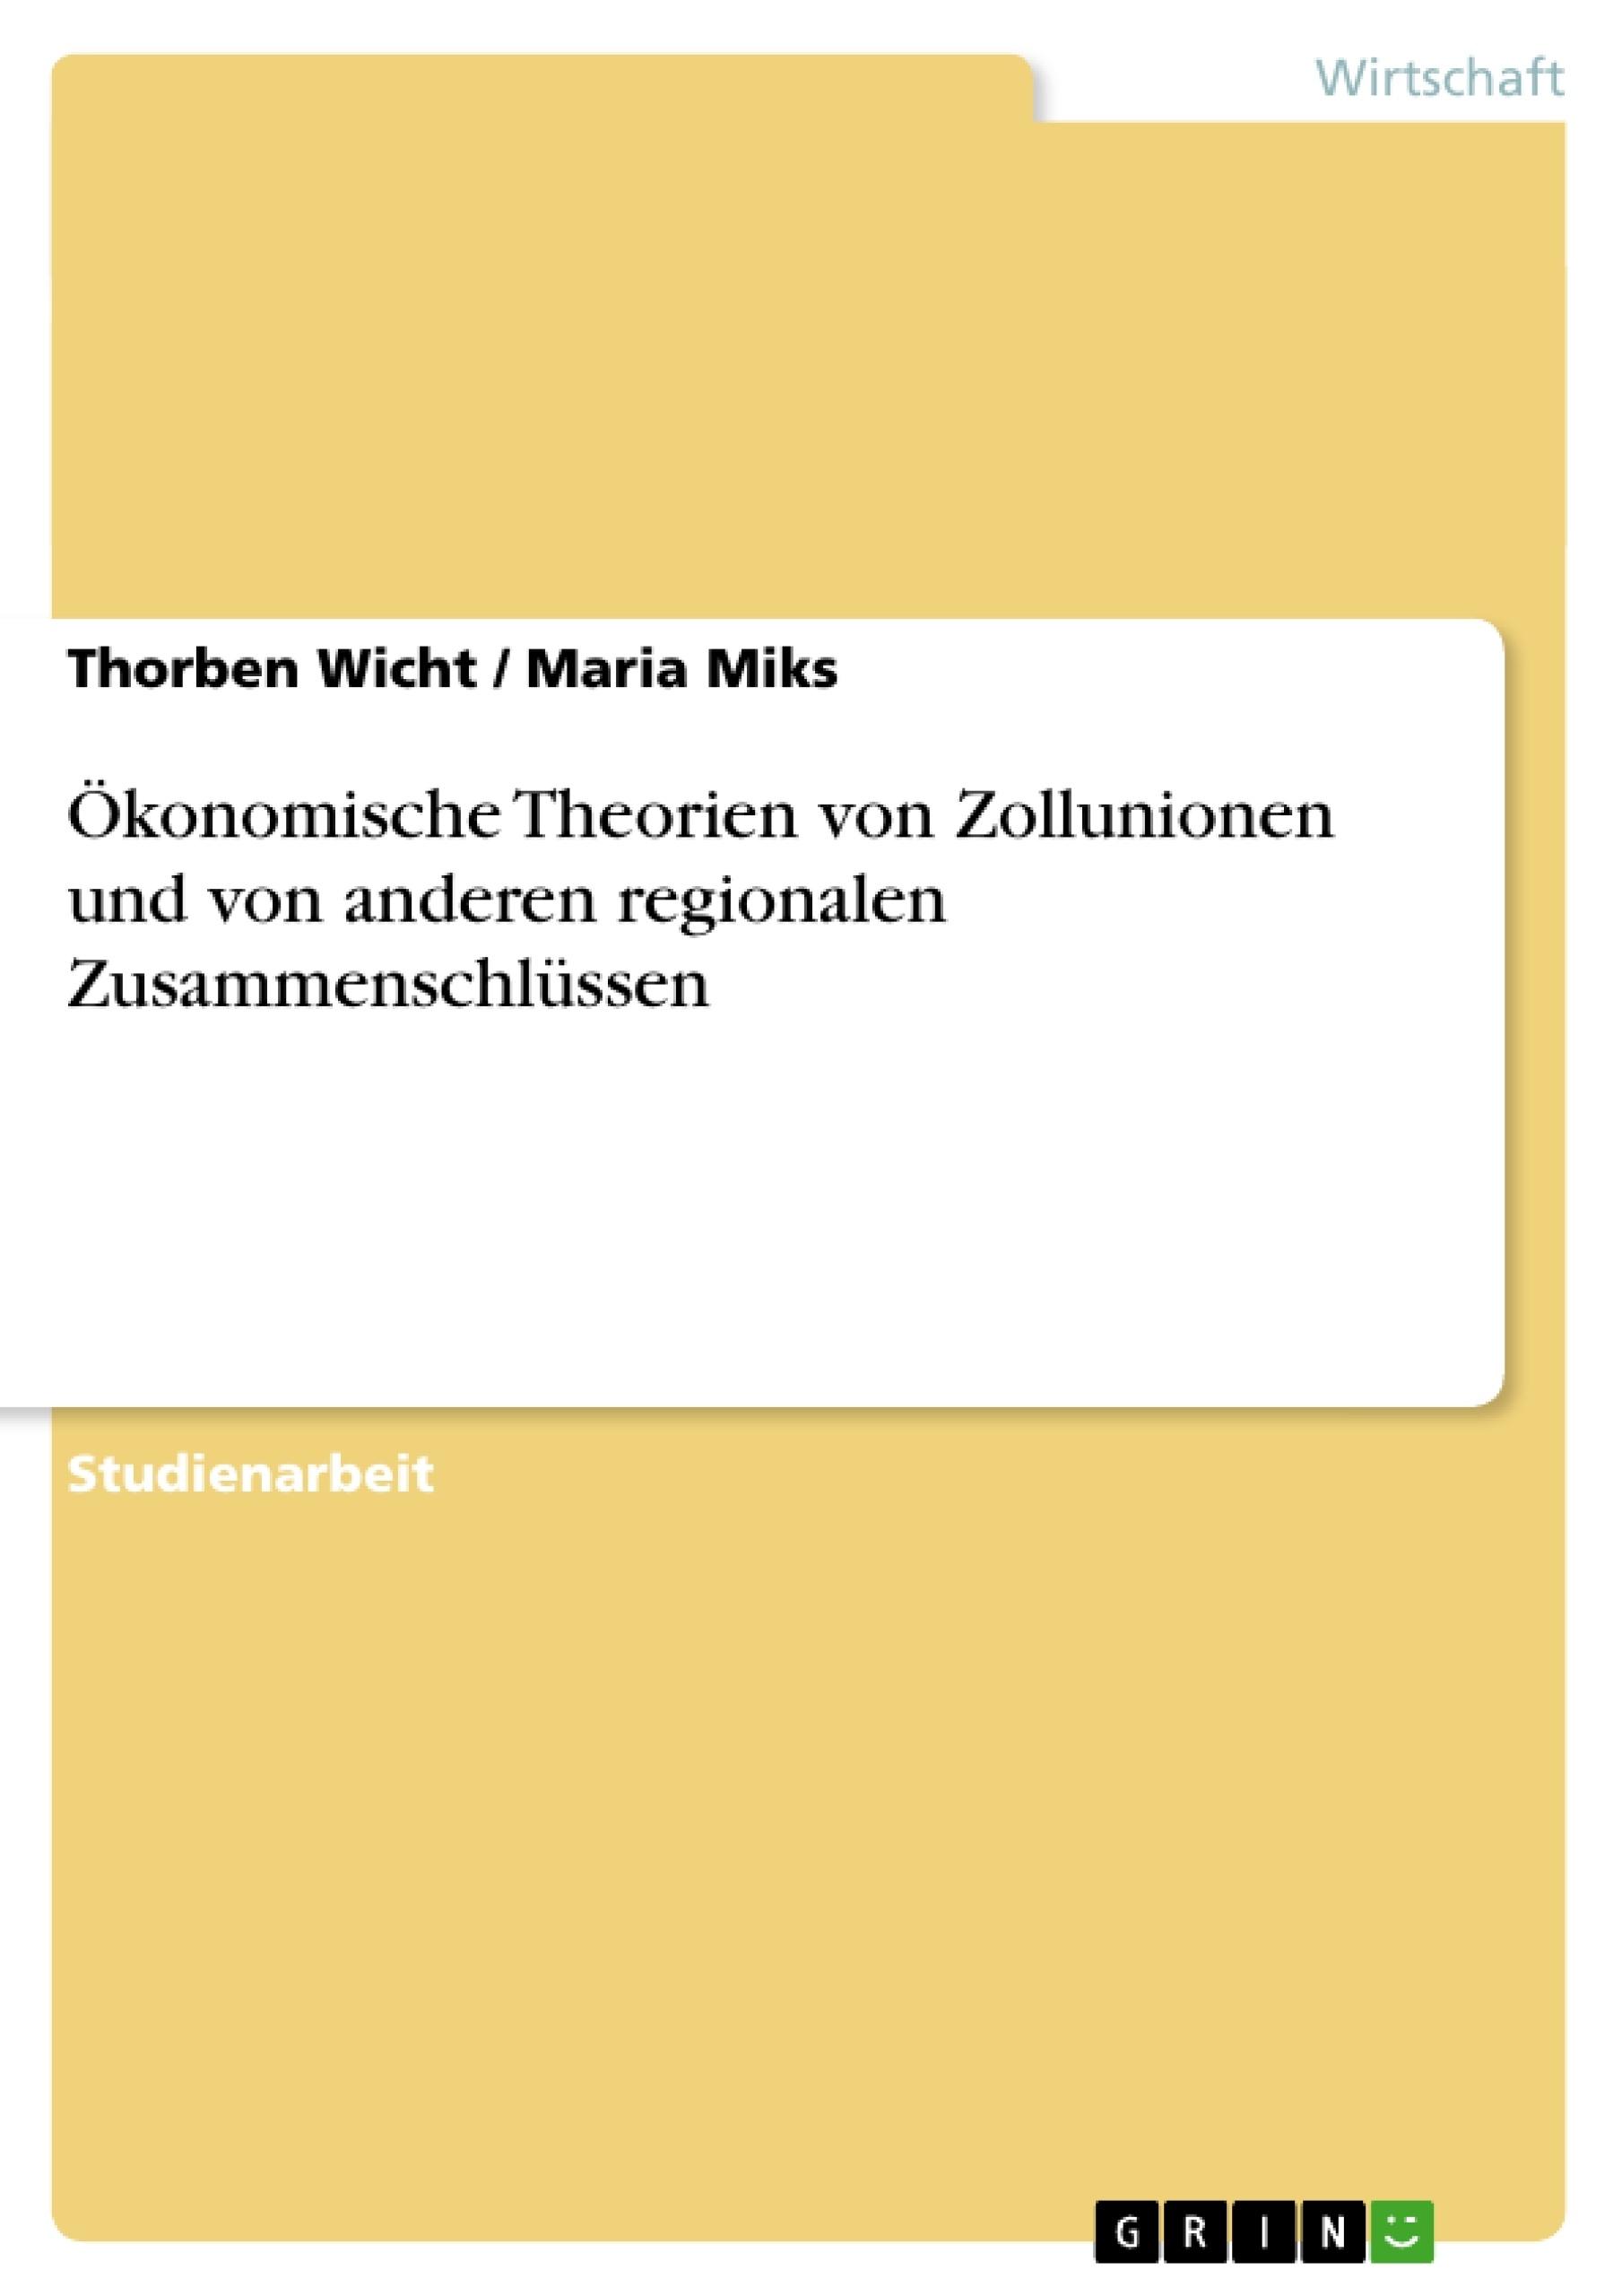 Titel: Ökonomische Theorien von Zollunionen und von anderen regionalen Zusammenschlüssen